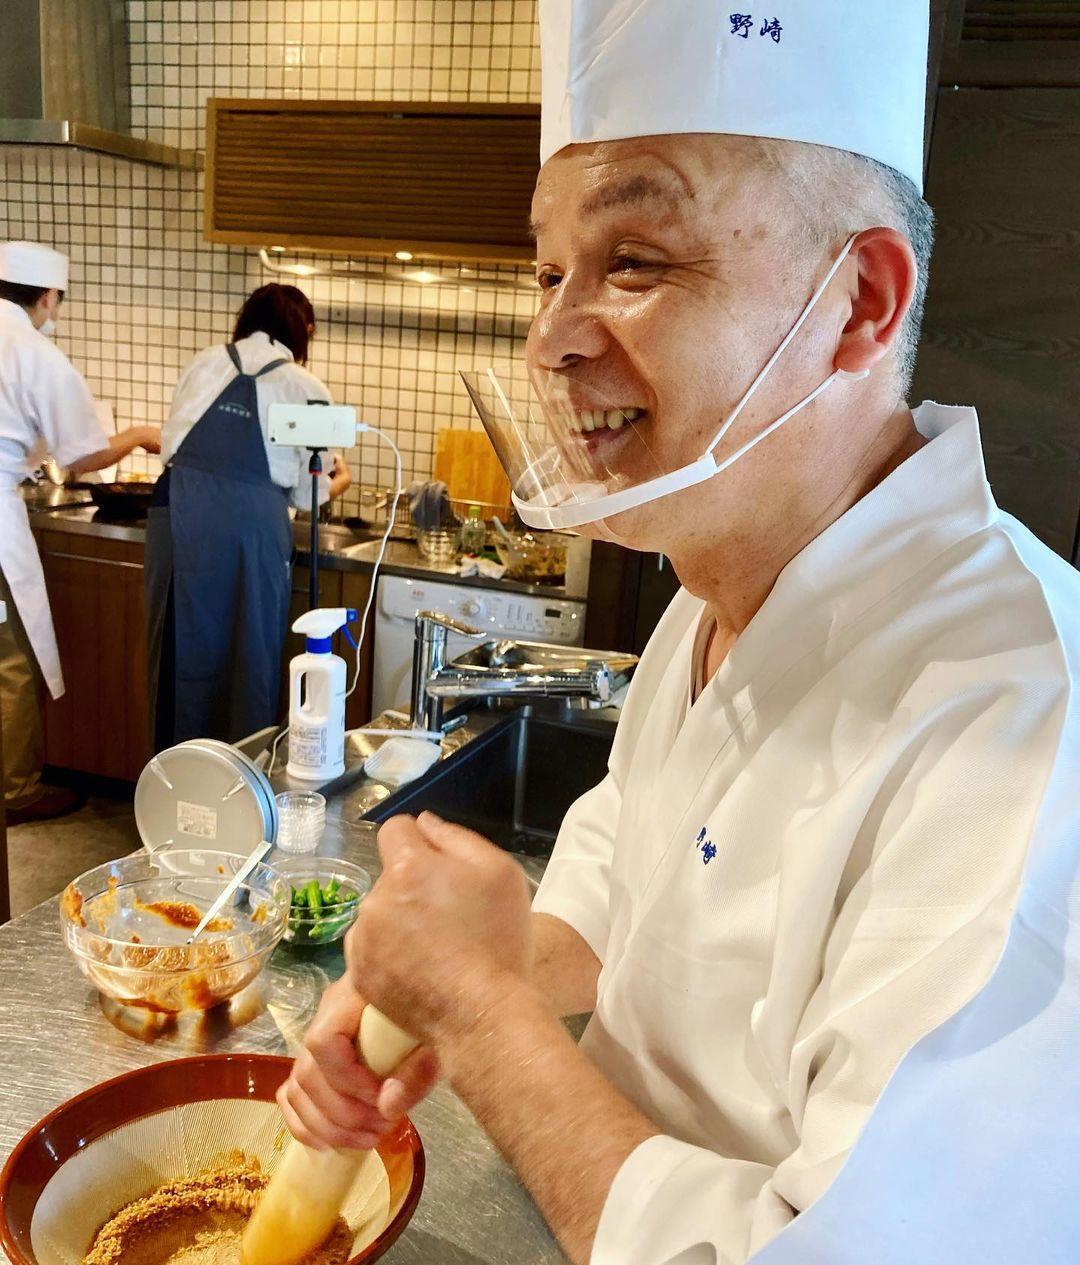 レッスンレポート:分とく山・野﨑洋光さんが伝える「家庭料理」(2021.05.25)